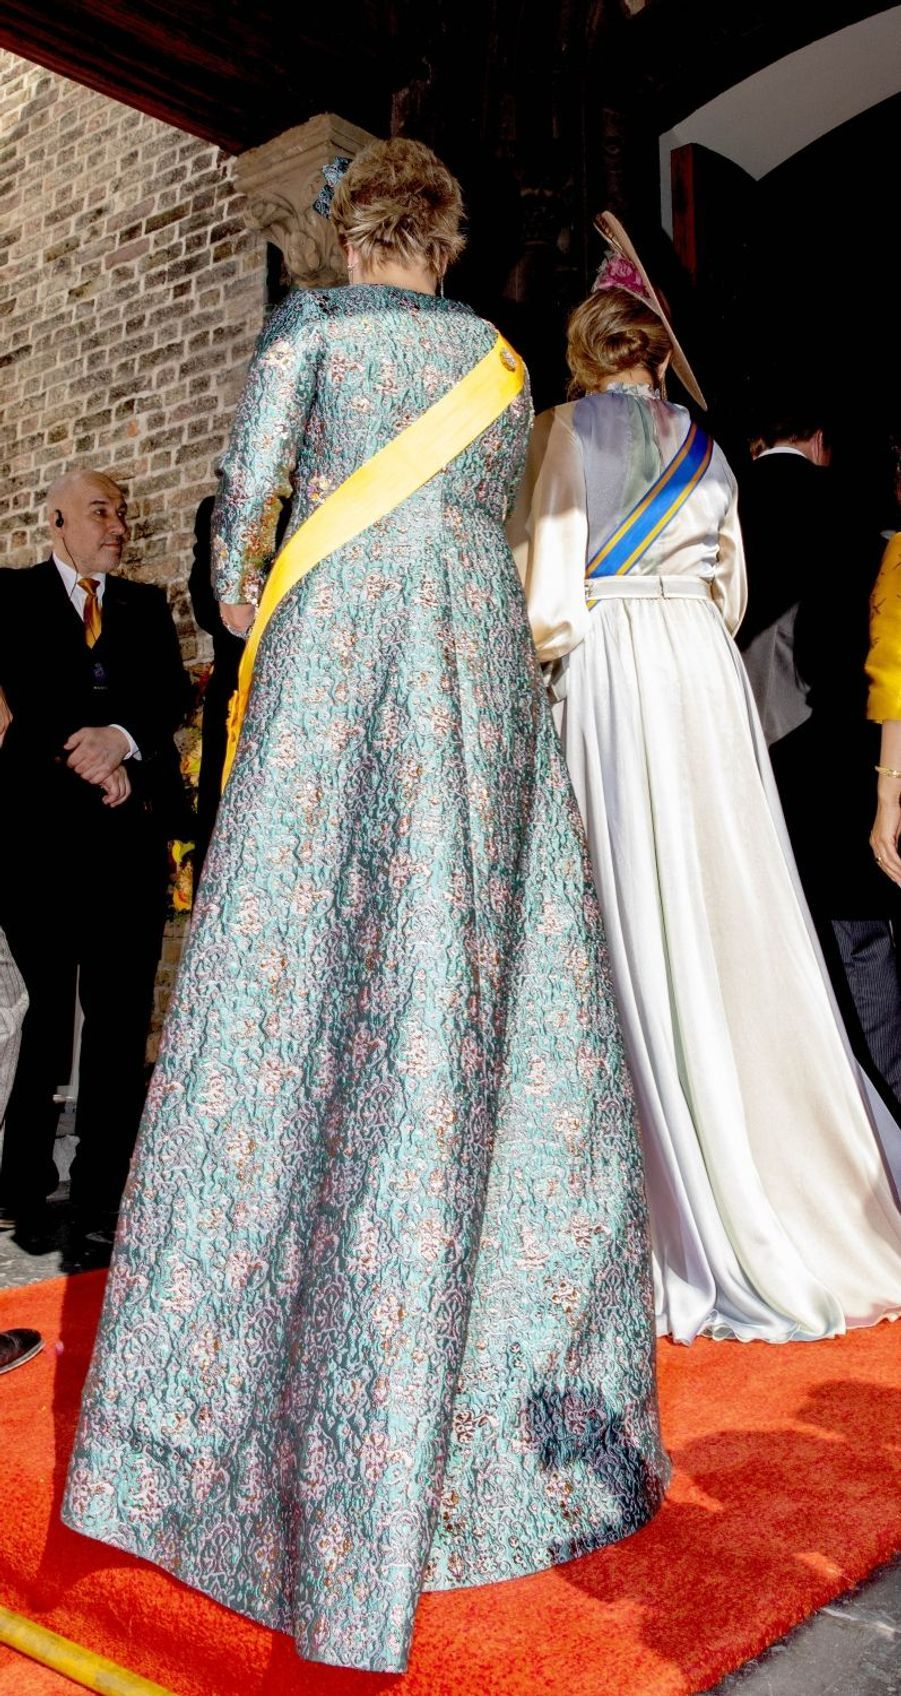 La reine Maxima des Pays-Bas avec la princesse Laurentien à La Haye, le 18 septembre 2018